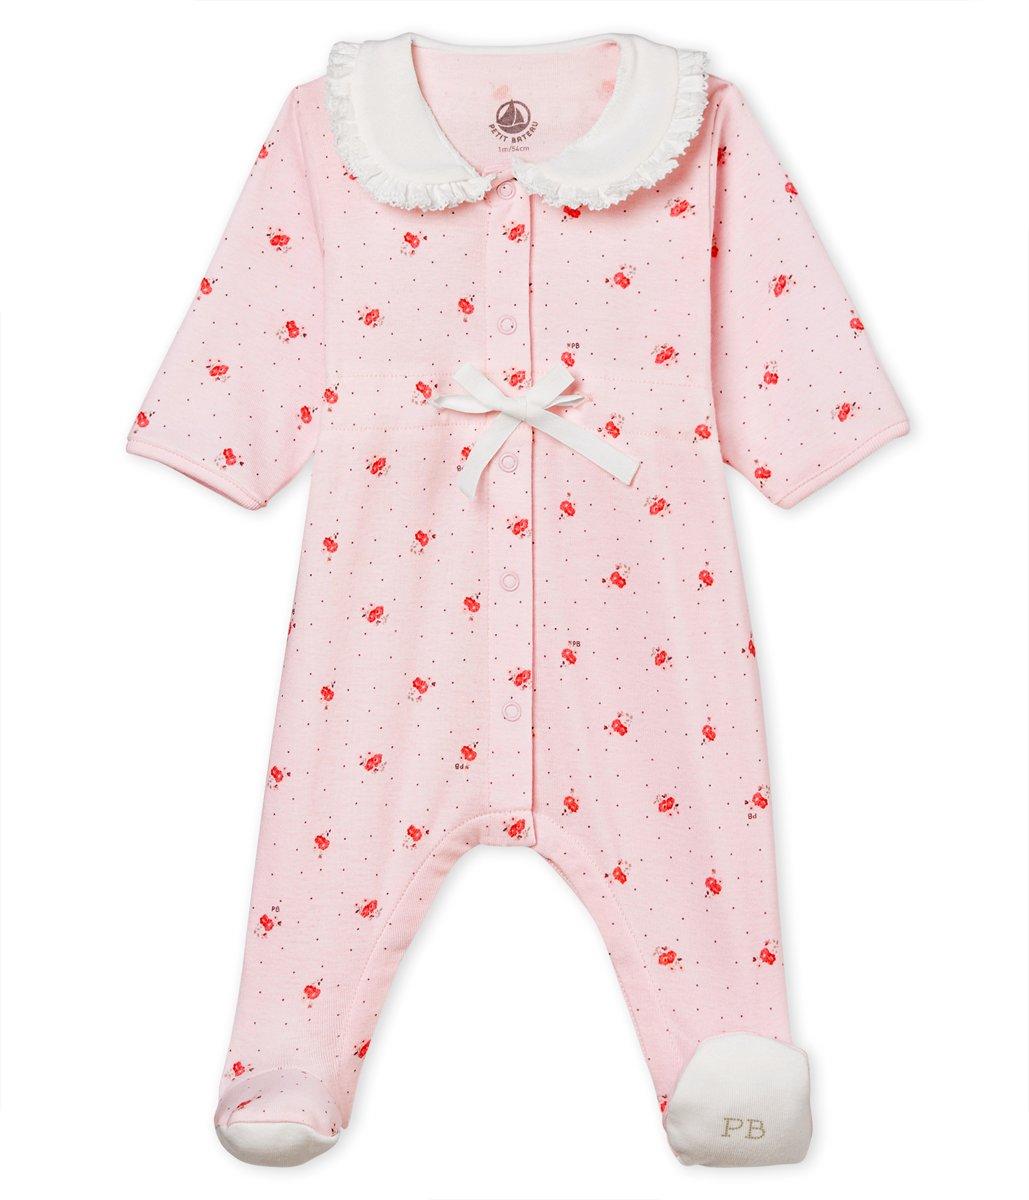 Petit Bateau Meisjes Baby Boxpak - roze - Maat 56 kopen